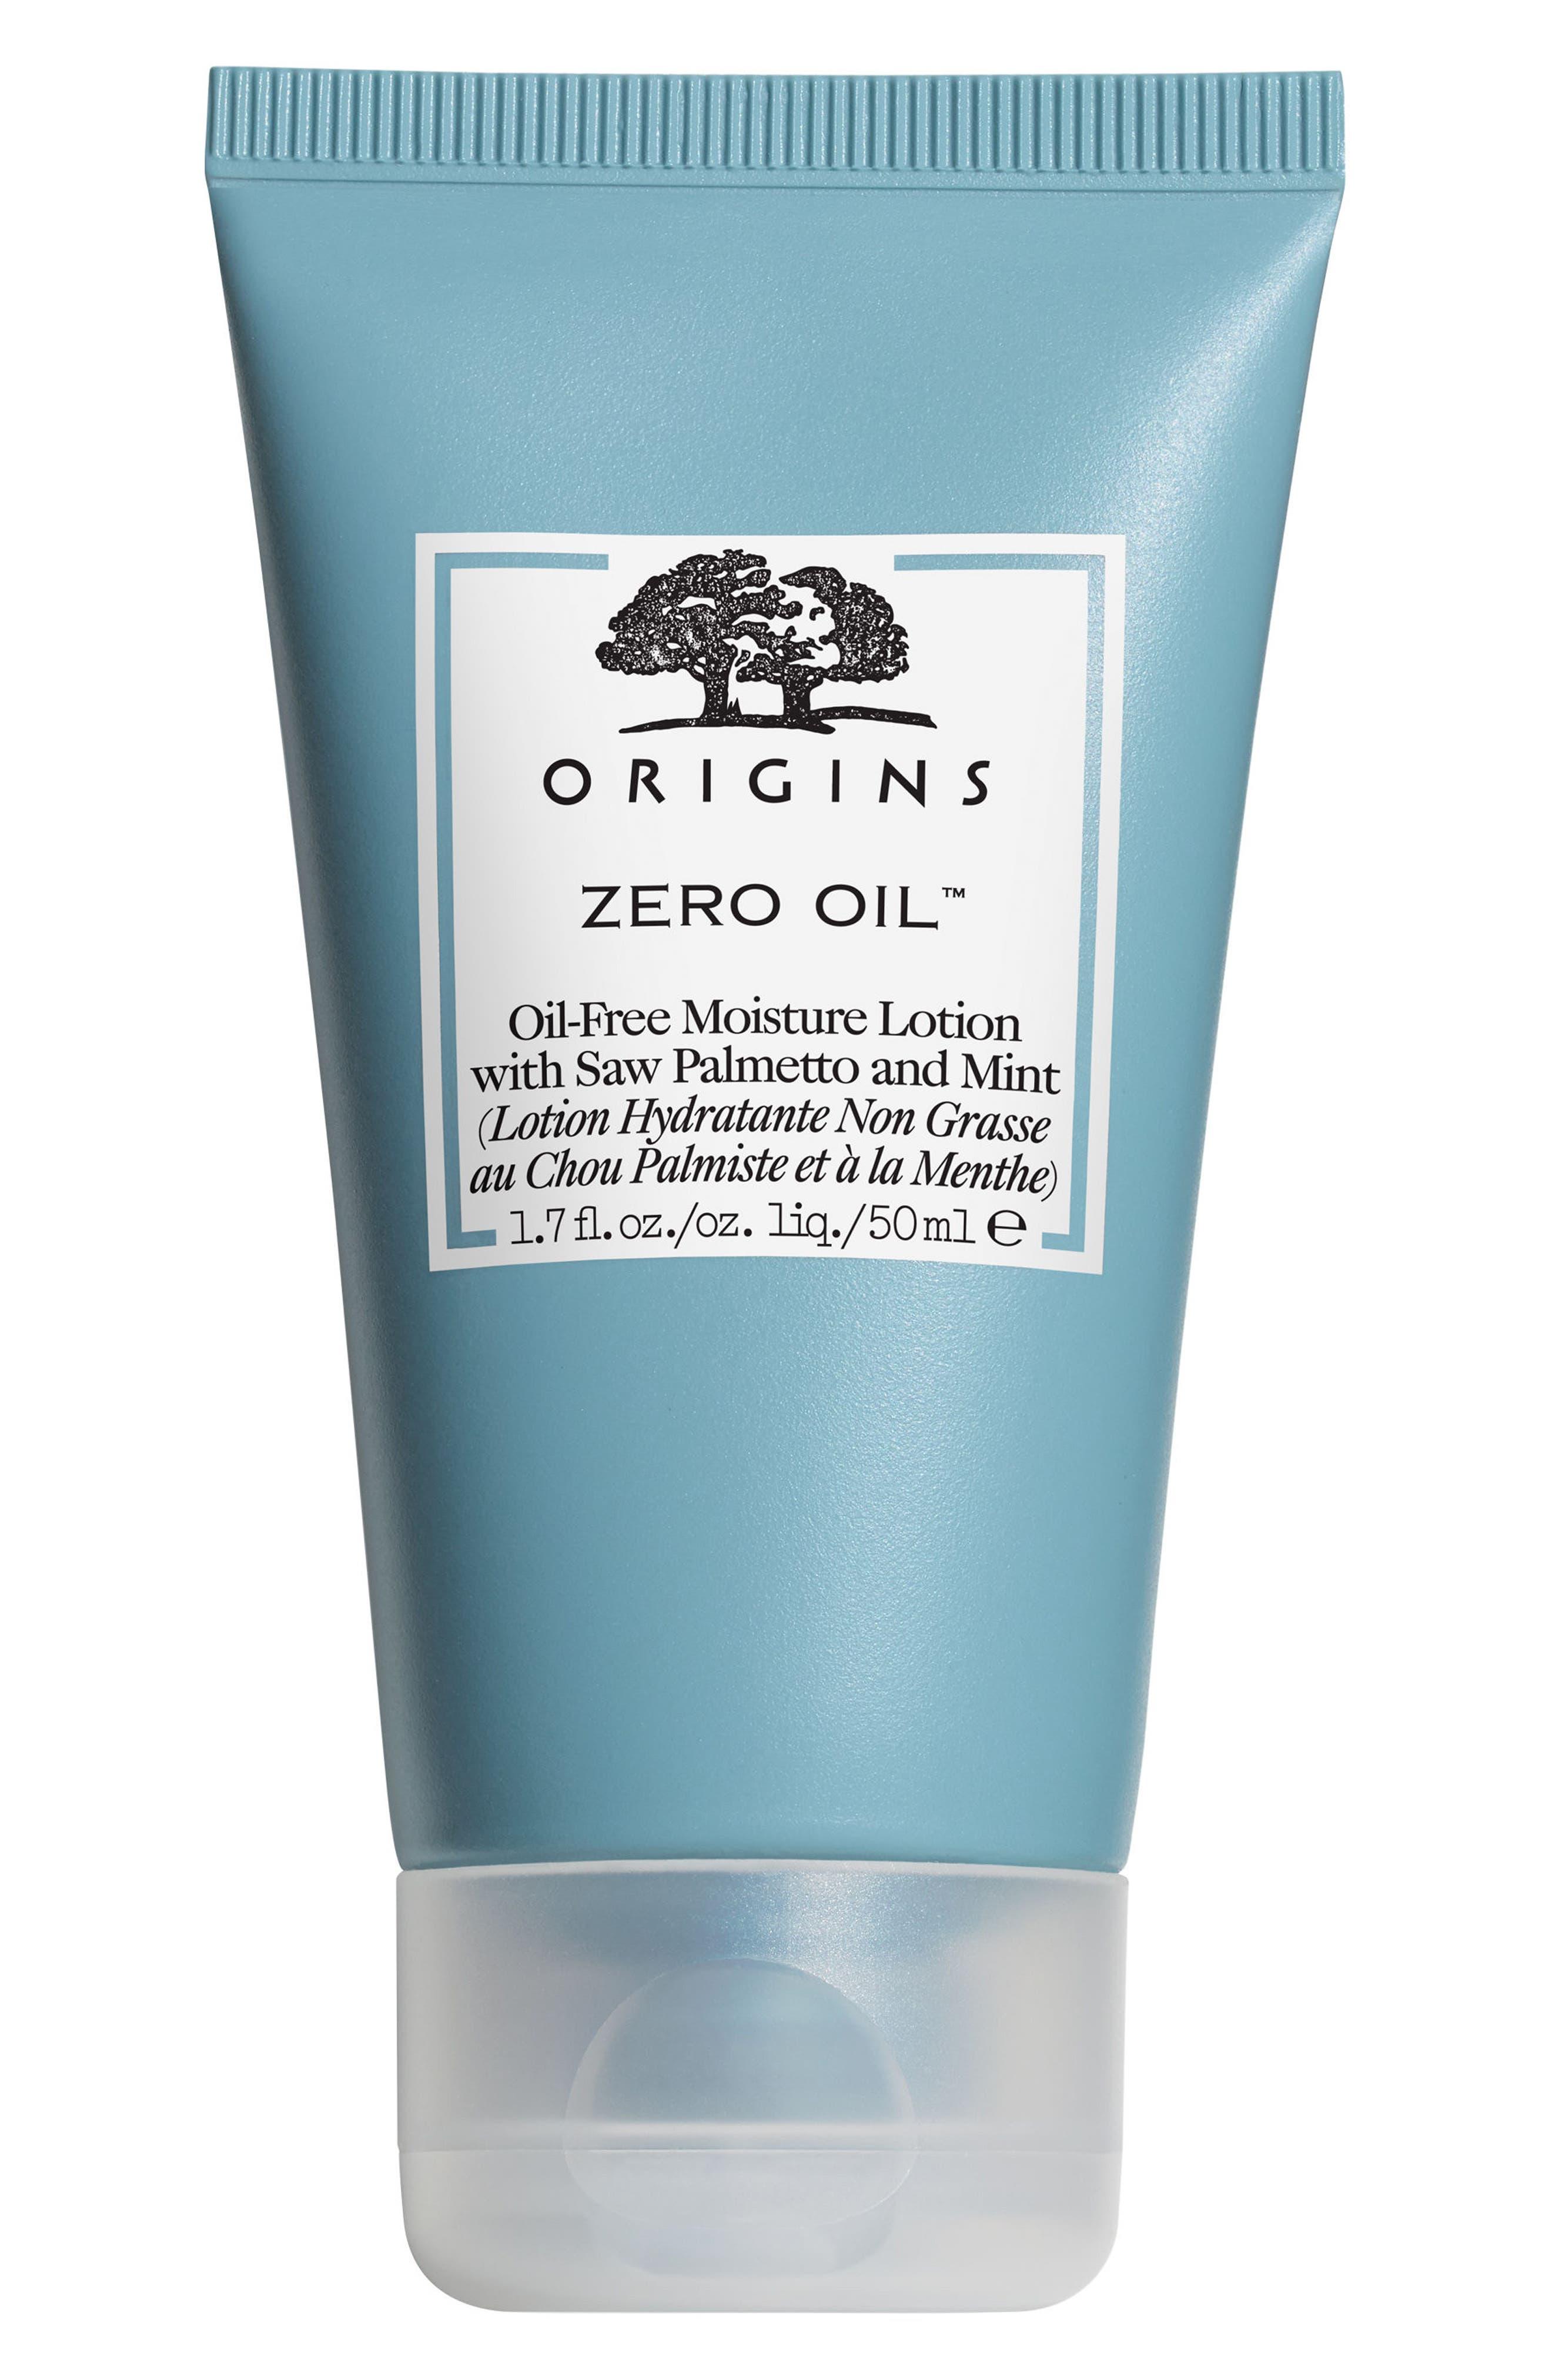 Origins Zero Oil™ Oil-Free Moisture Lotion with Saw Palmetto & Mint